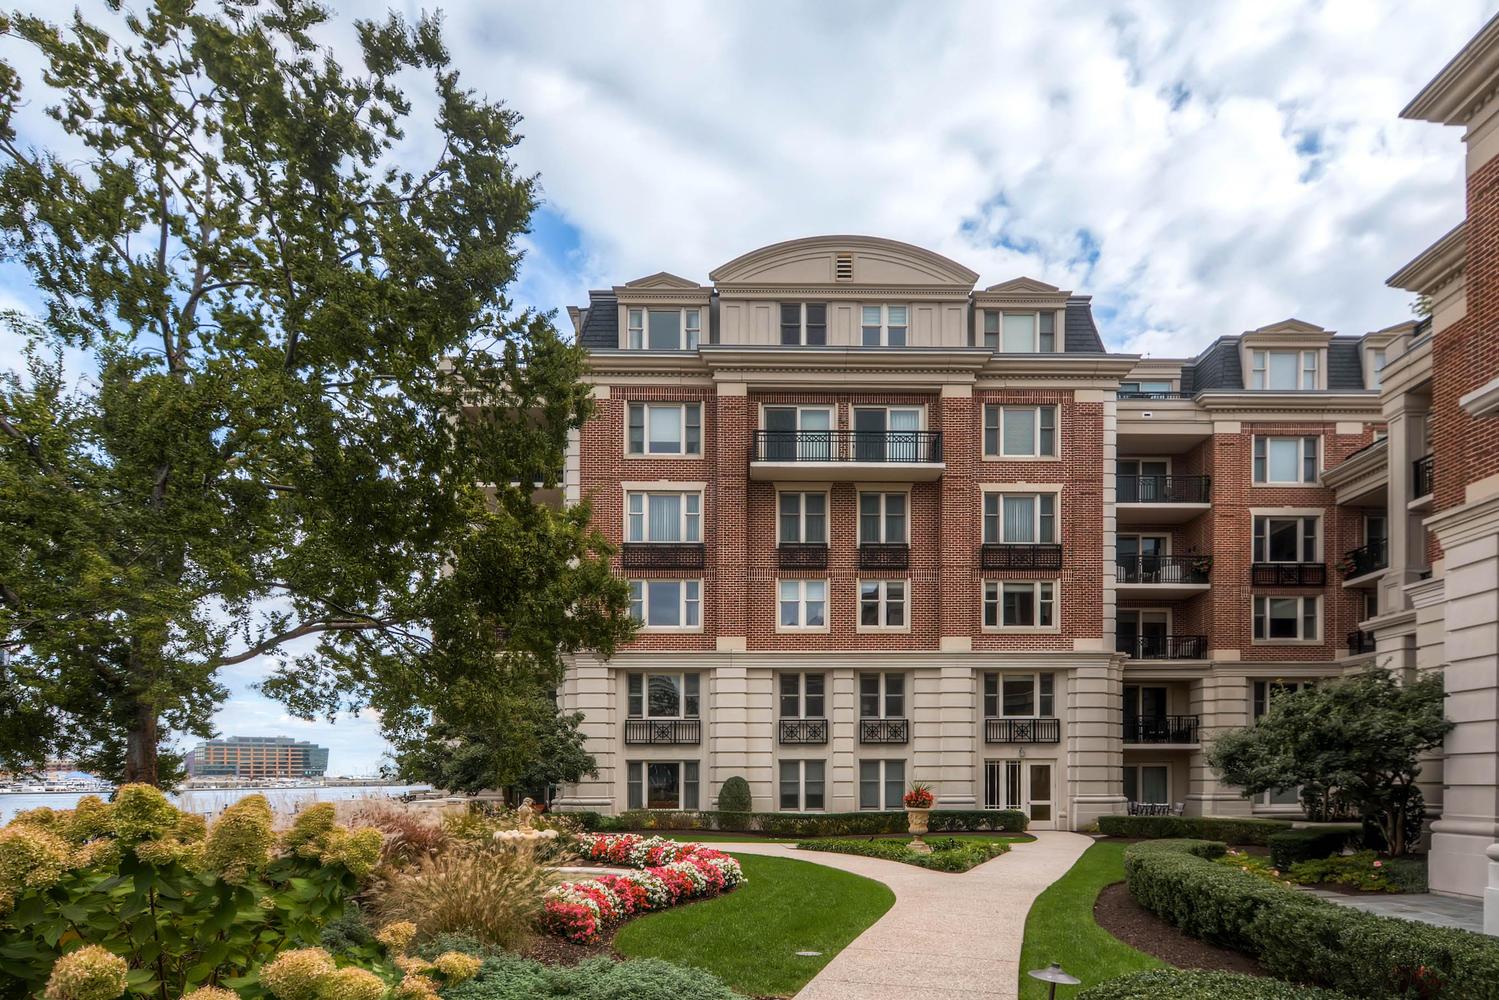 콘도미니엄 용 매매 에 The Ritz Carlton Residences 801 Key Highway #331 Baltimore, 메릴랜드 21230 미국